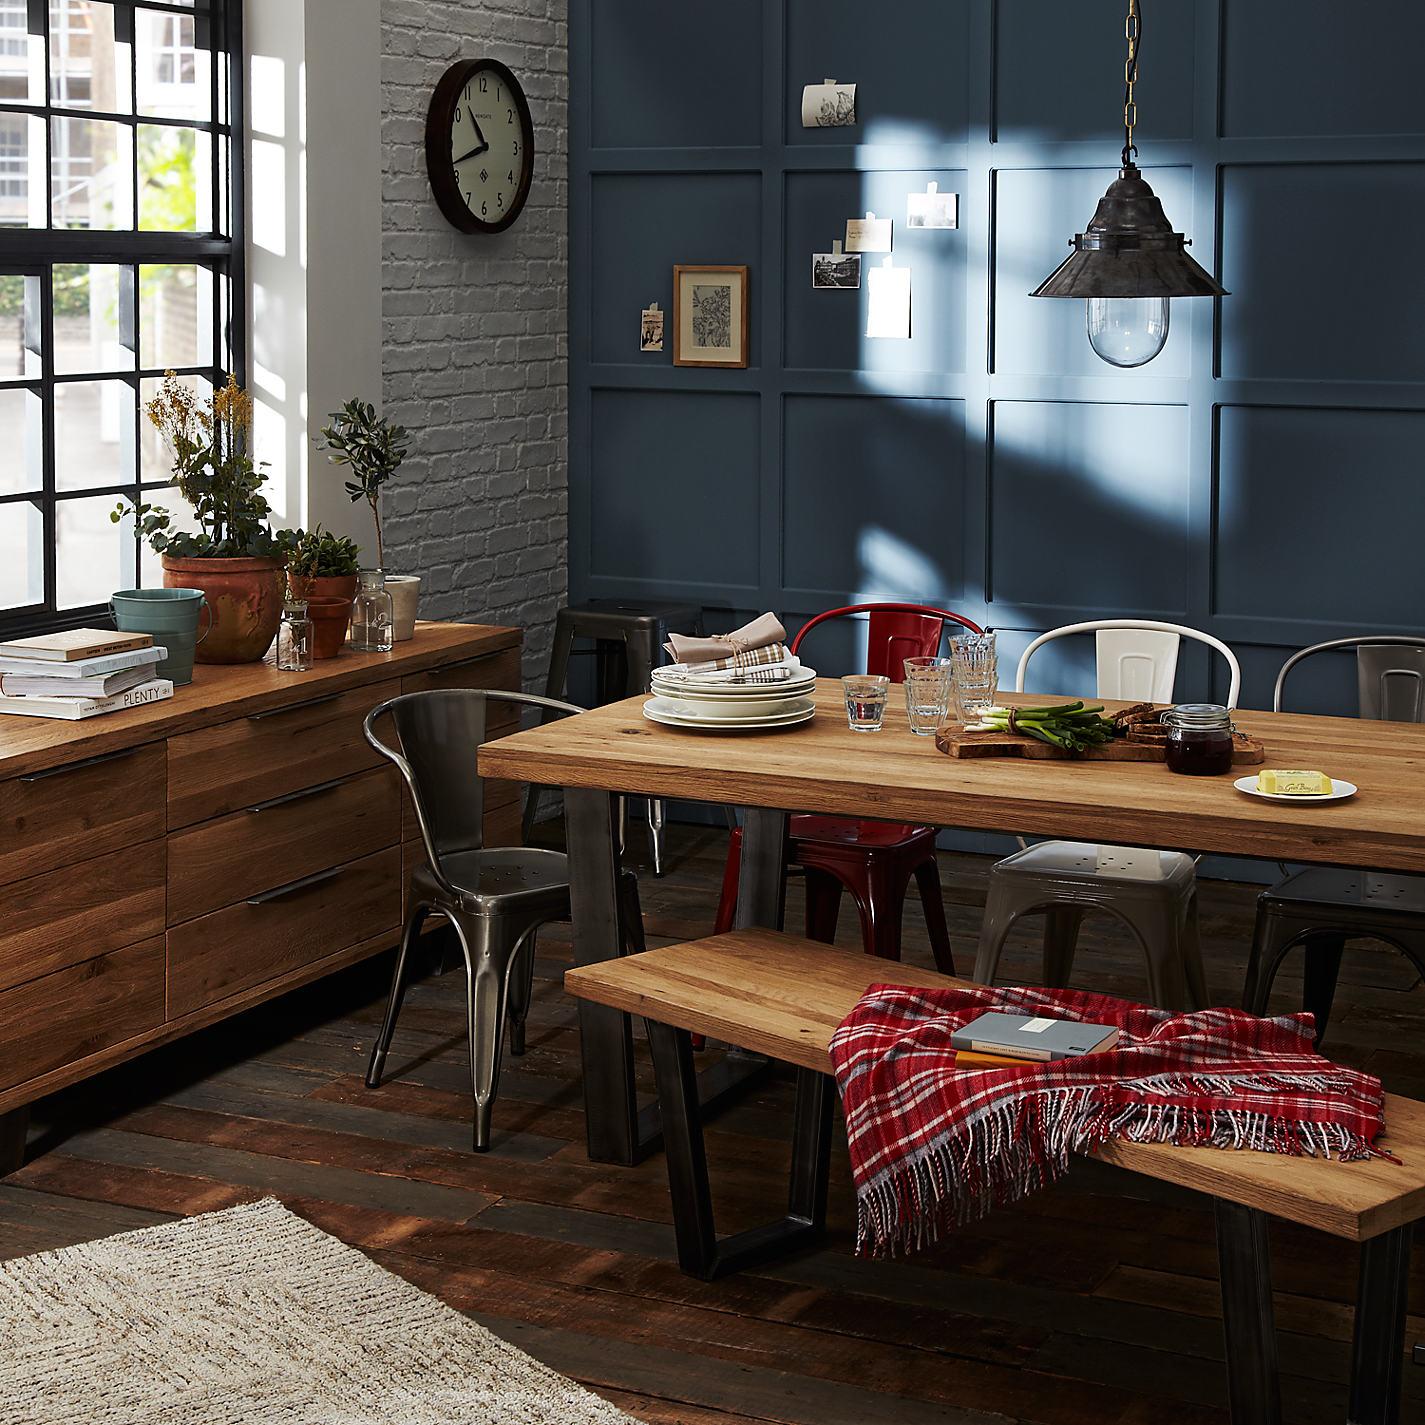 Buy John Lewis Calia 3 Seater Dining Bench Online At Johnlewis